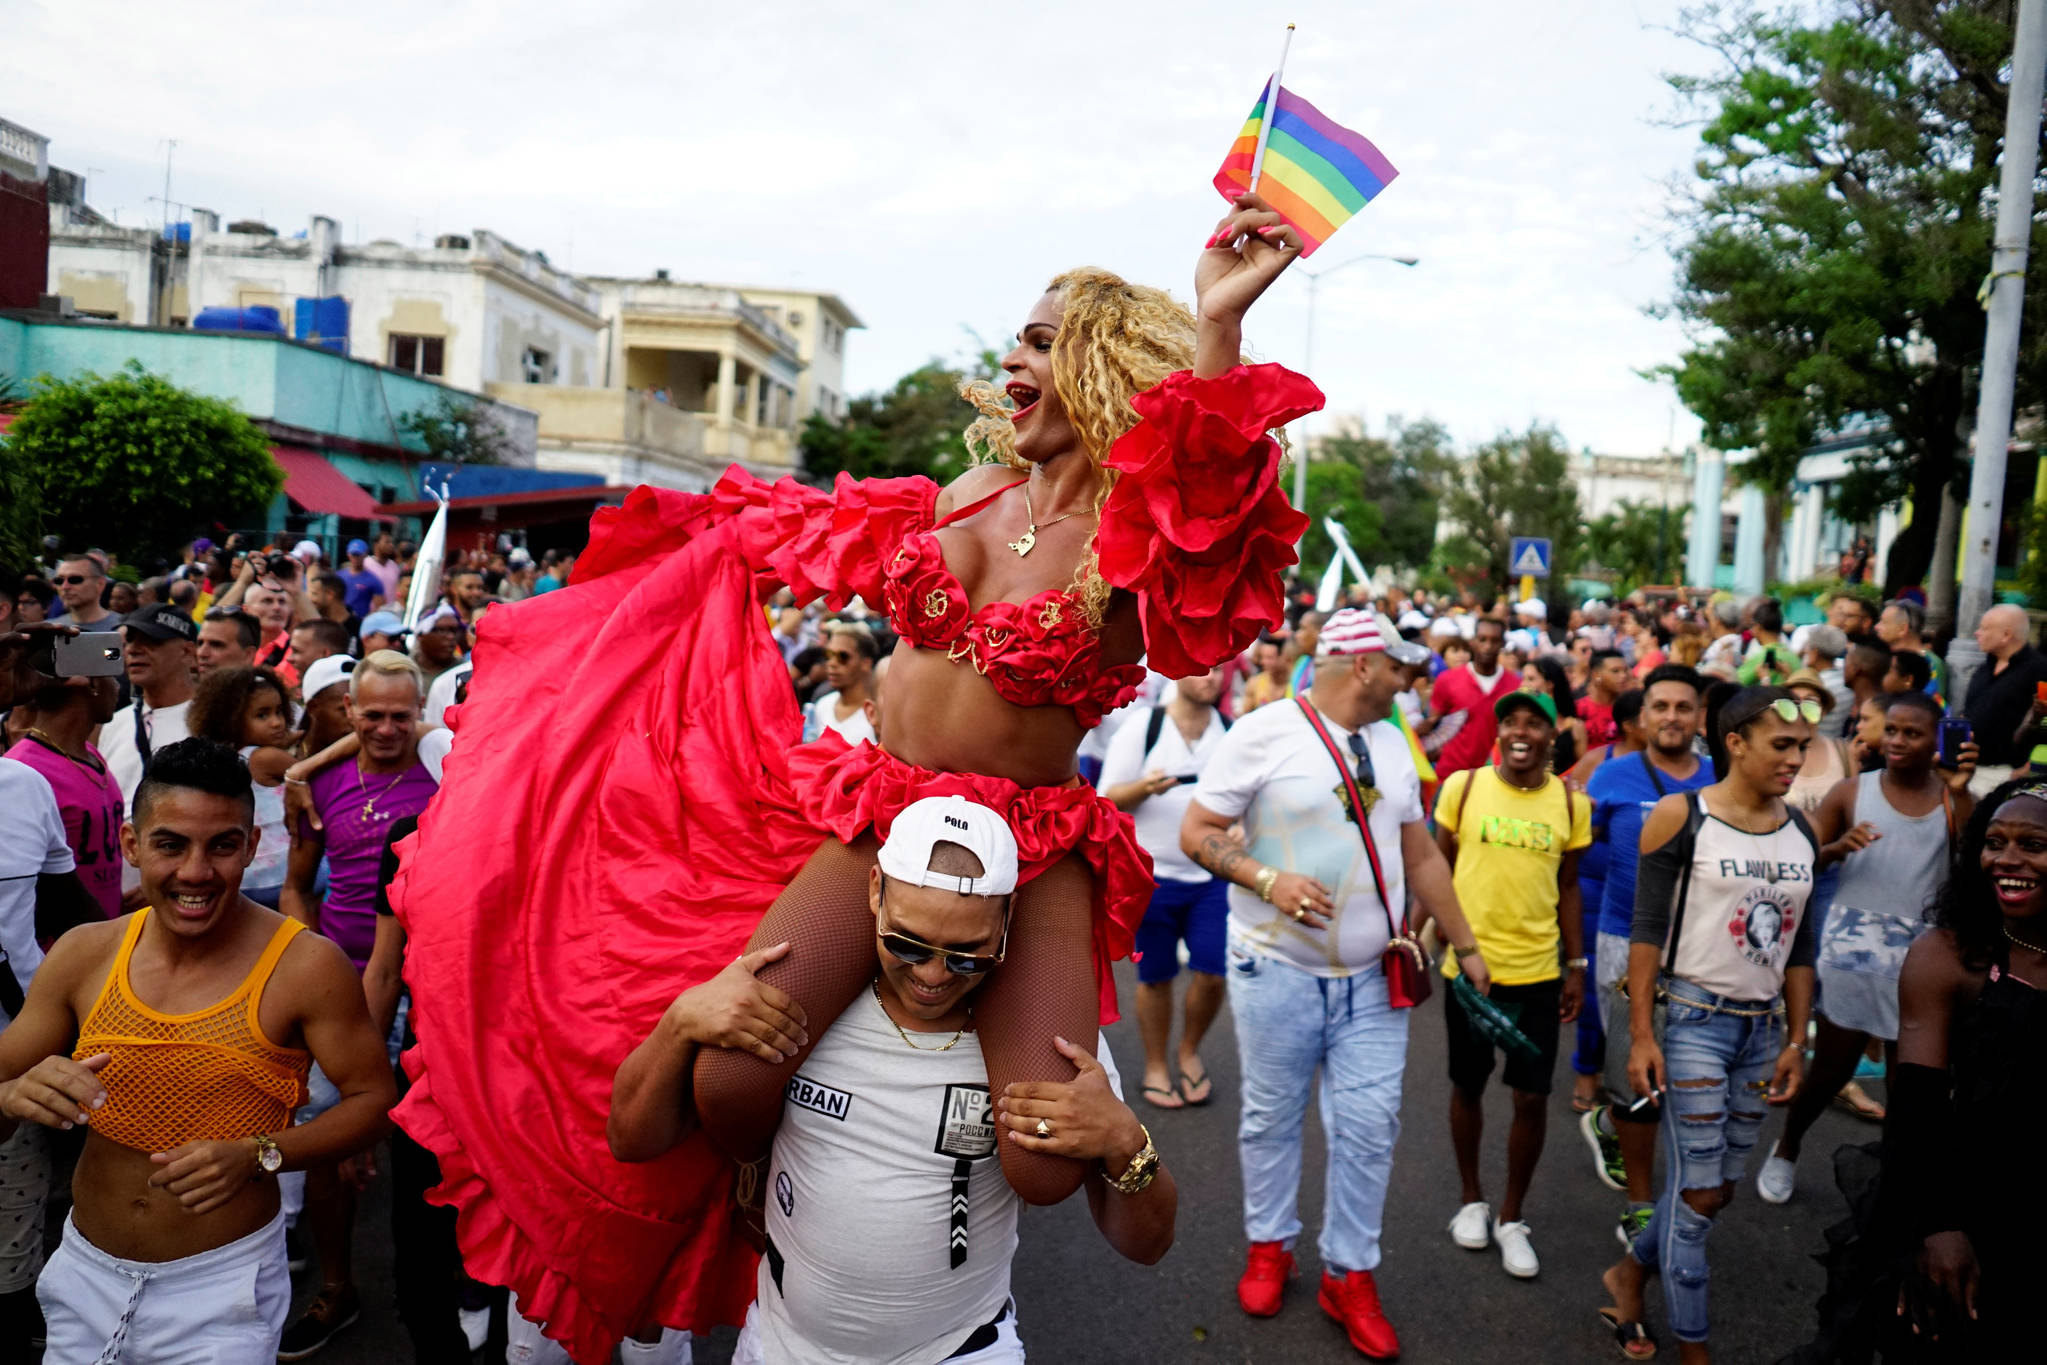 동성애자 인권 운동가들이 12일(현지시간) 쿠바 하바나에서 열린 LGBT 퍼레이드에 참가해 무지개 깃발을 들고 행진을 하고 있다. 이 퍼레이드는 다가오는 성소수자 혐오 반대의 날인 5월 17일을 기념하기 위해 열렸다. [로이터=연합뉴스]